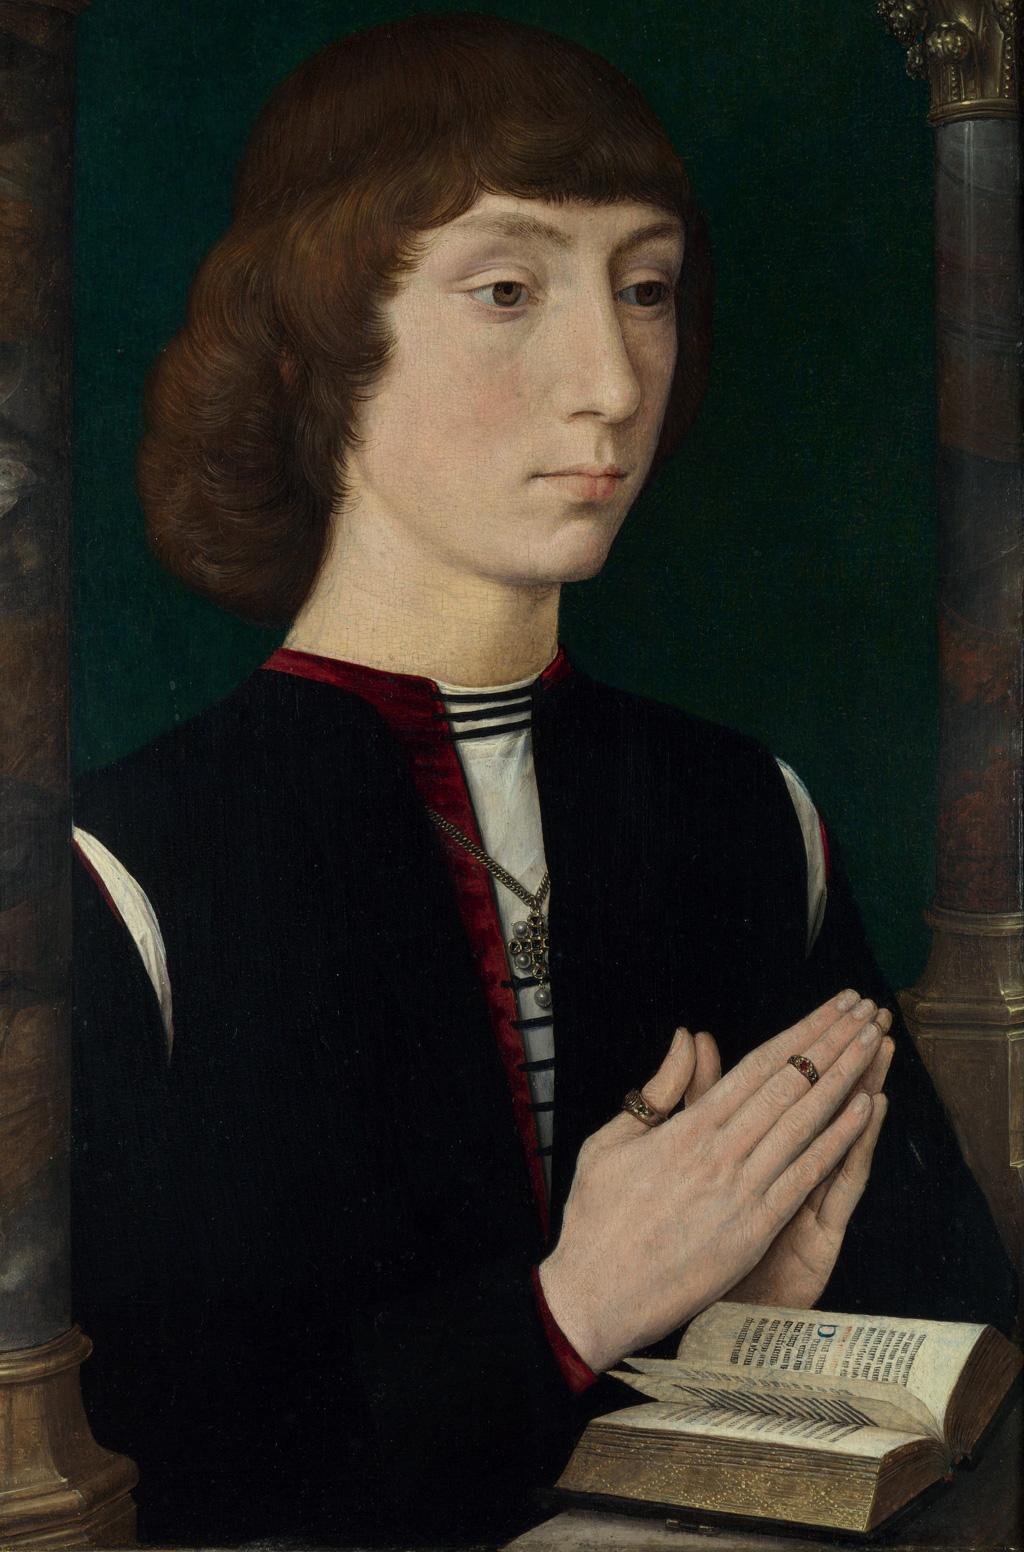 medieval man praying